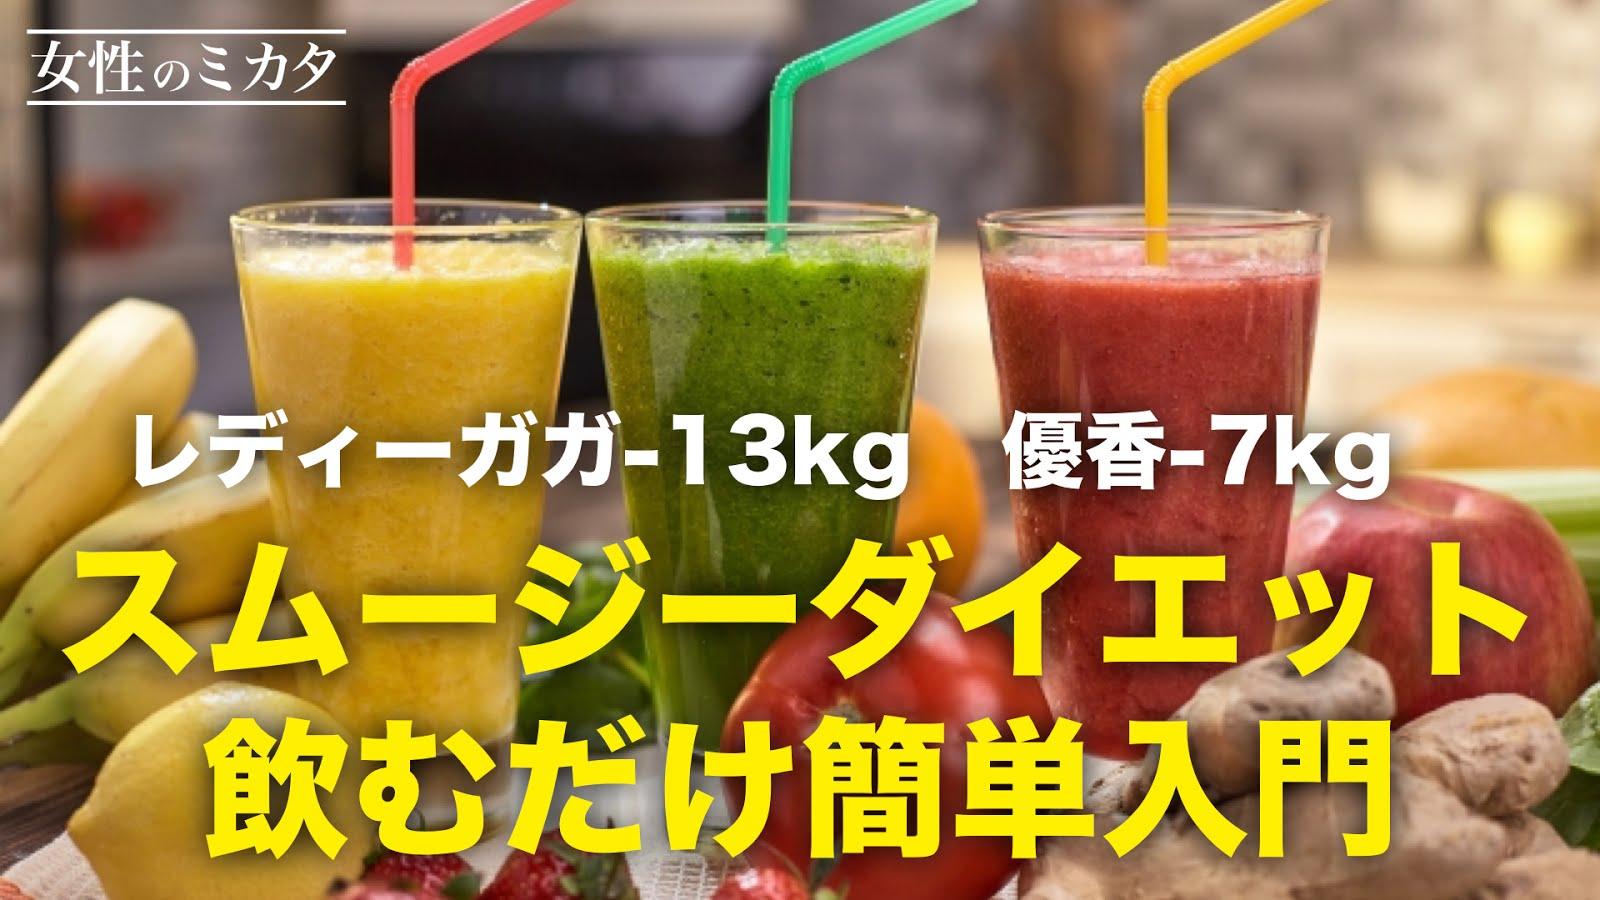 【スムージーダイエット】レディーガガ-13kg、優香-7kg!30日簡単ダイエット